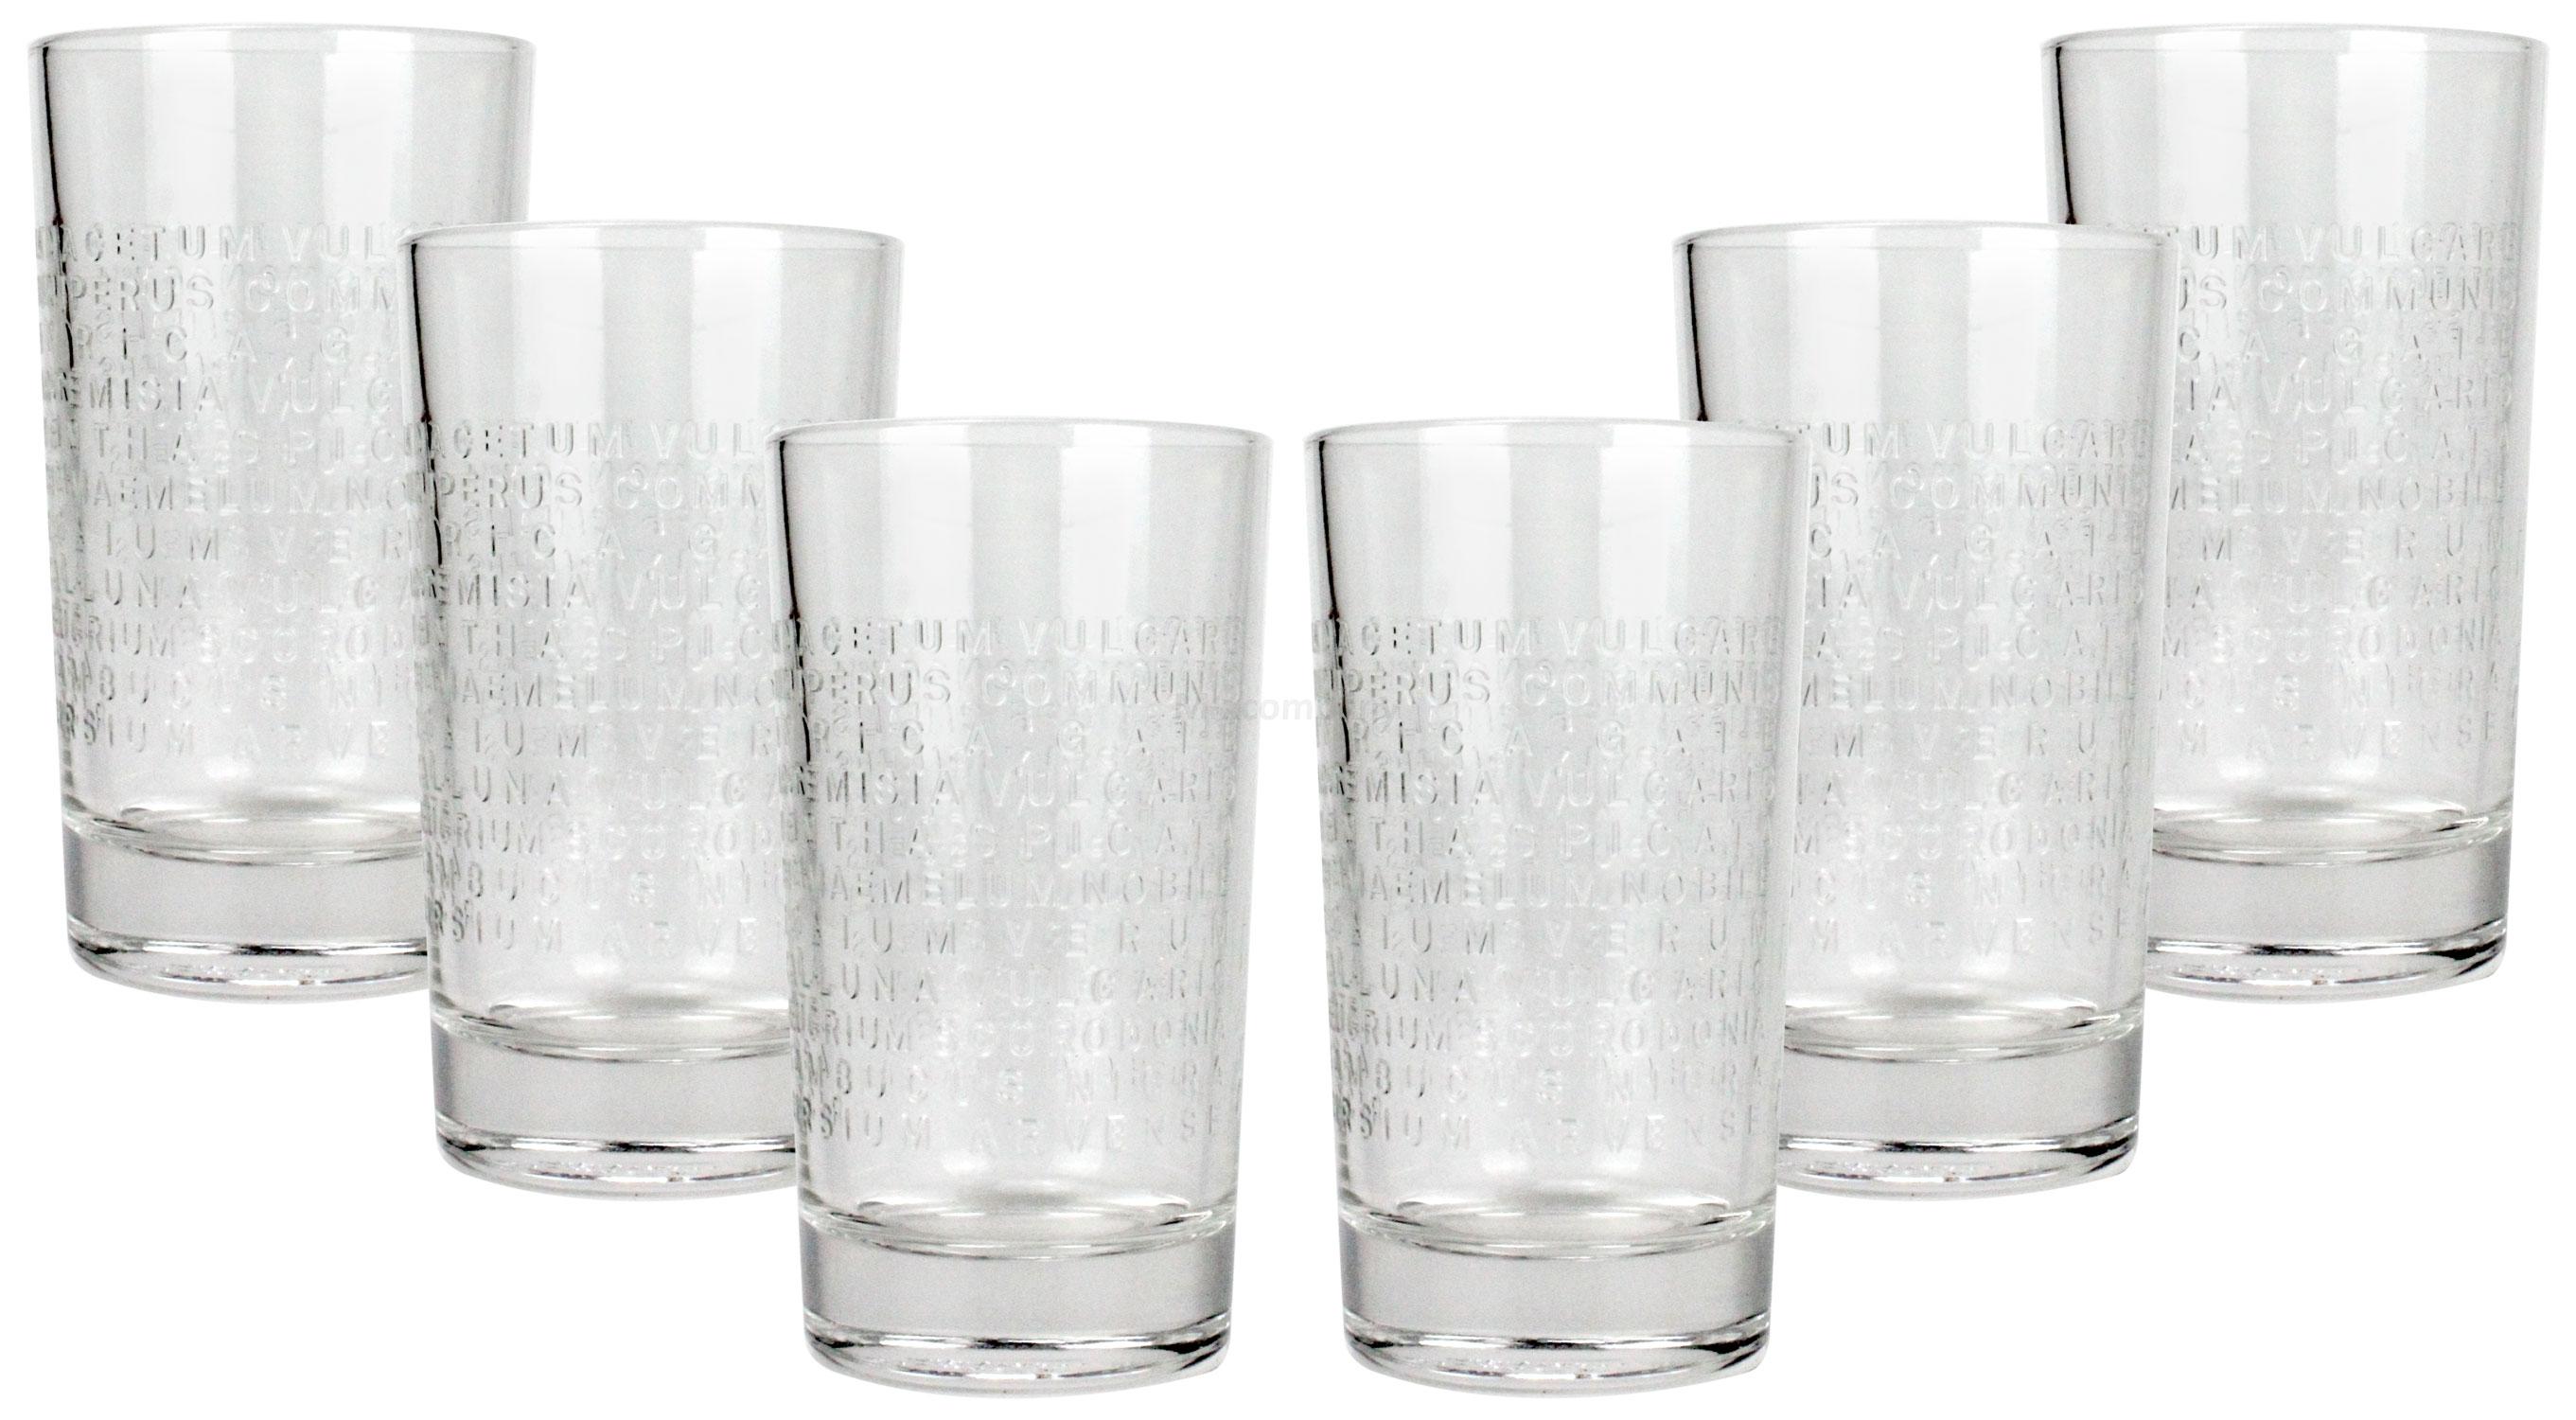 The Botanist Glas Gläser Set - 6x Longdrinkgläser